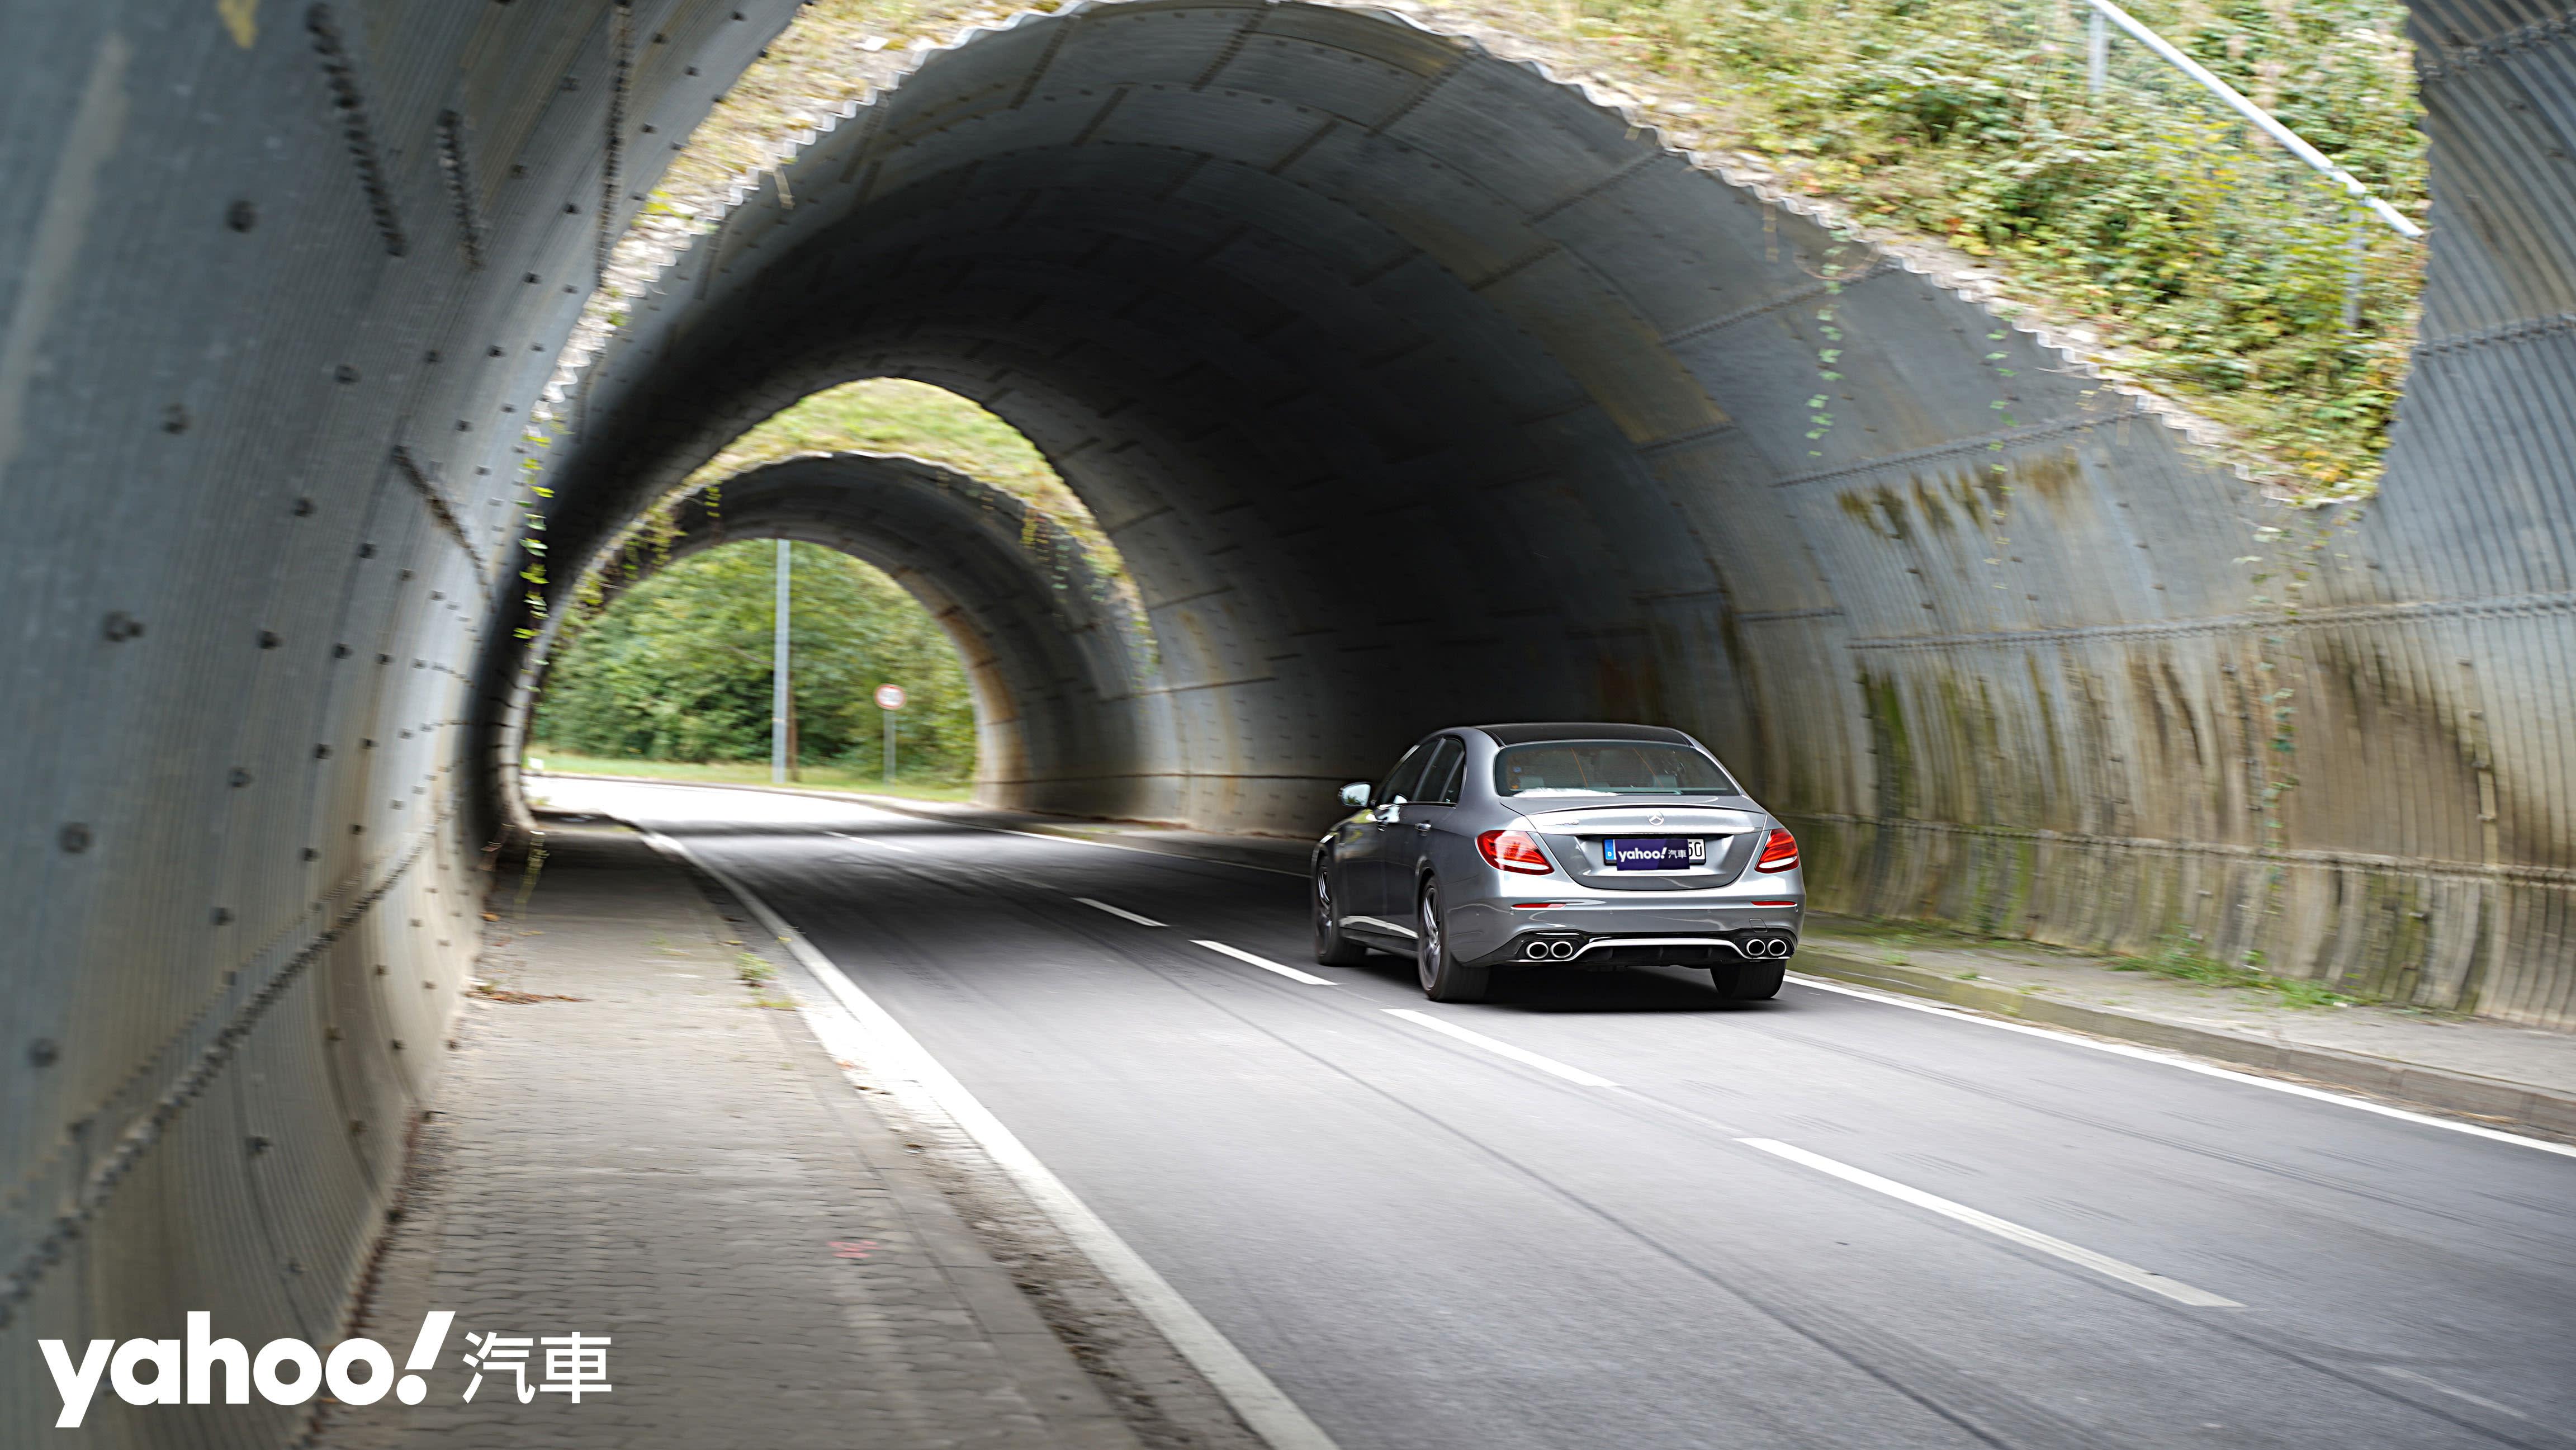 發表後、小改前!Mercedes-AMG E 53 4MATIC+紐柏林試駕回顧 - 12